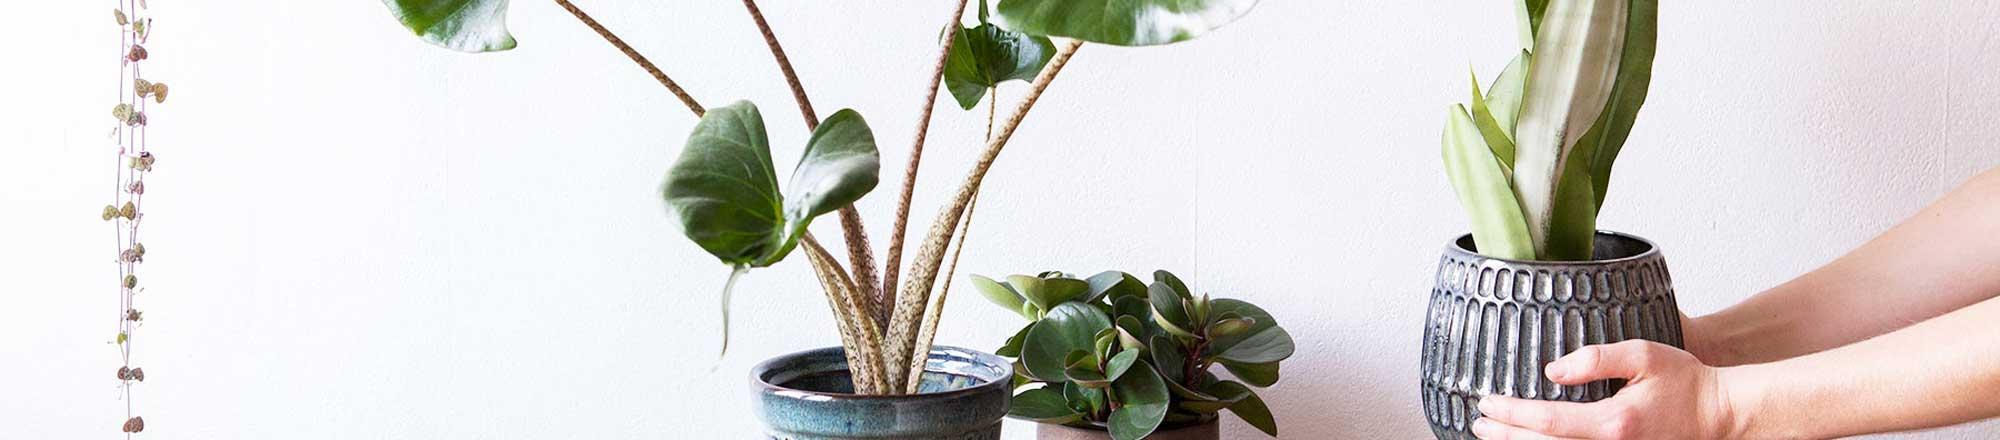 Zo kies je de juiste plant voor jouw huis